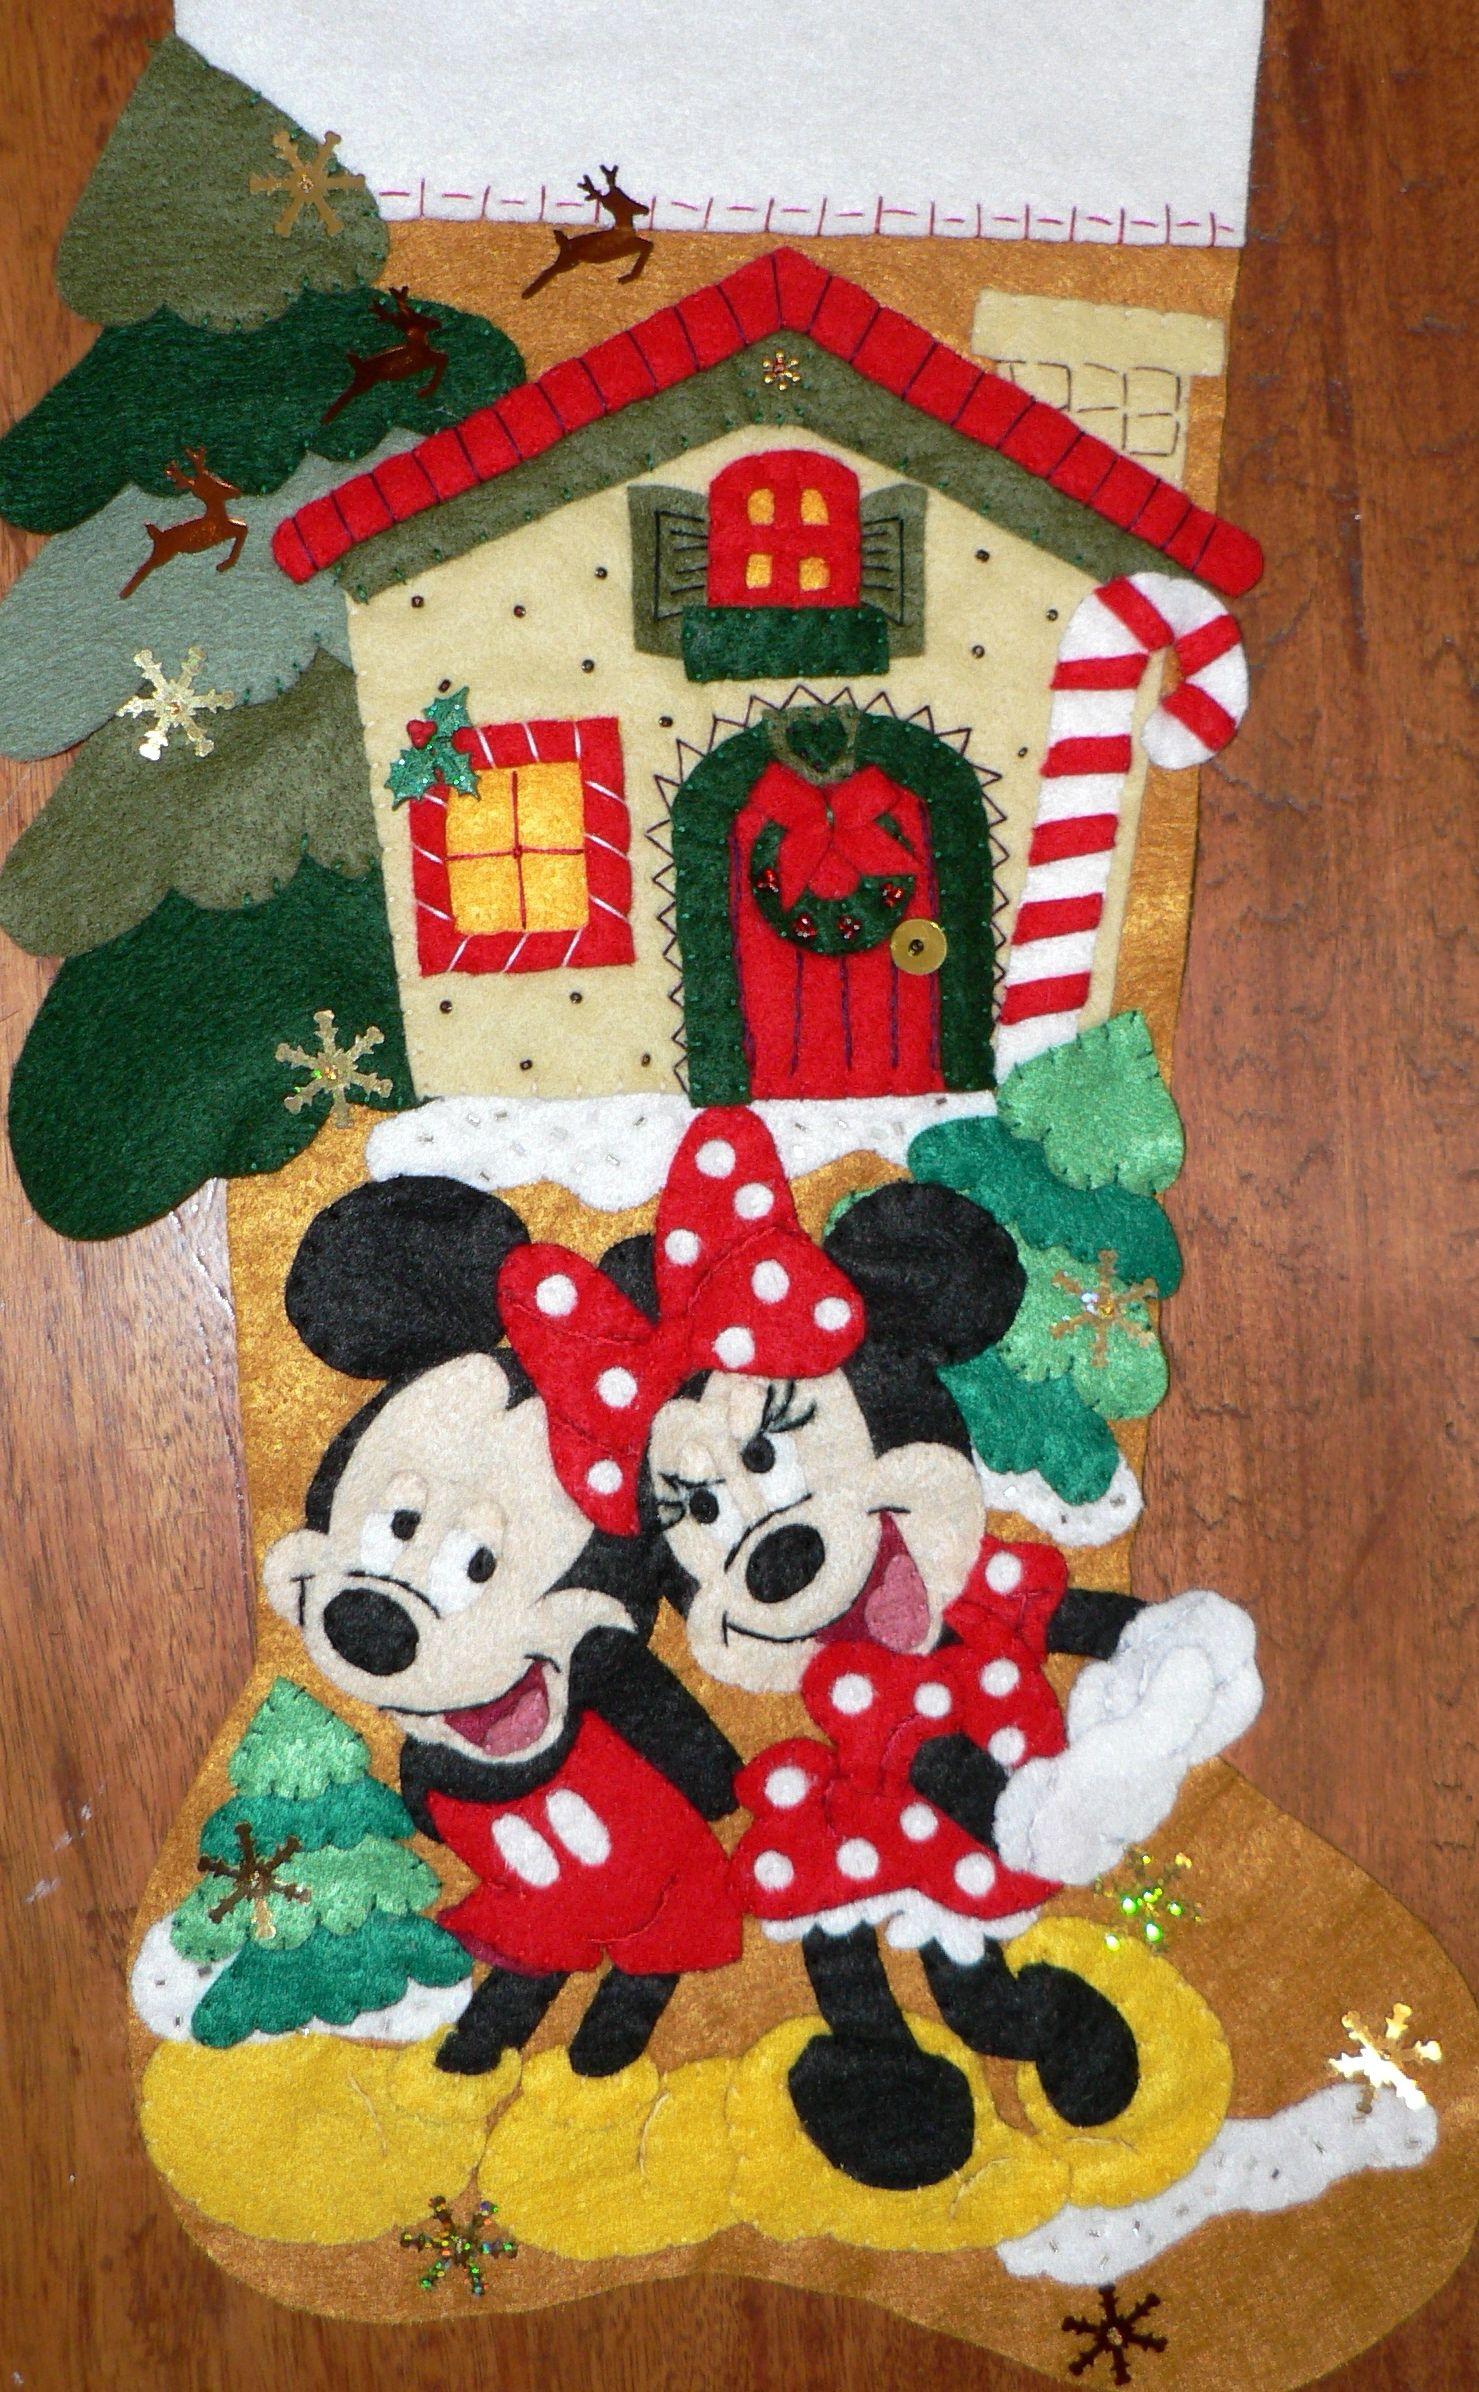 Minnie y mickey enamorados mikey mouse pinterest - Decoracion navidena fieltro ...